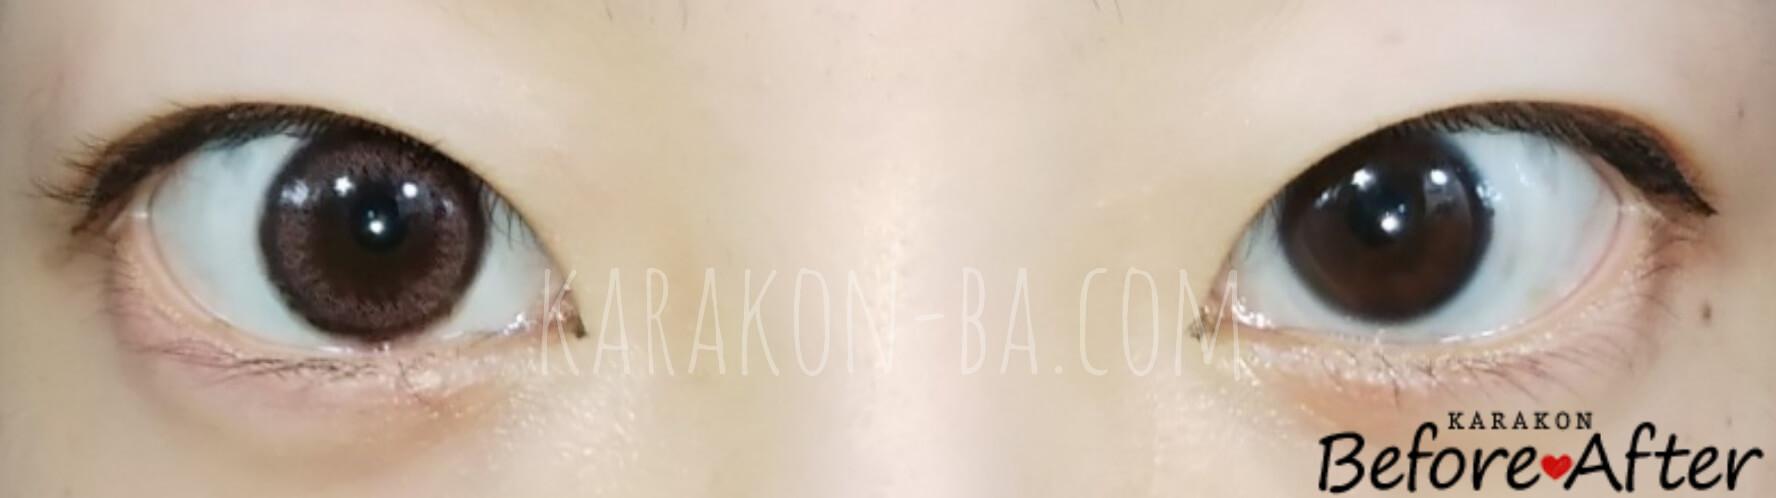 【NEW】スムースコーラルのカラコン装着画像/裸眼と比較